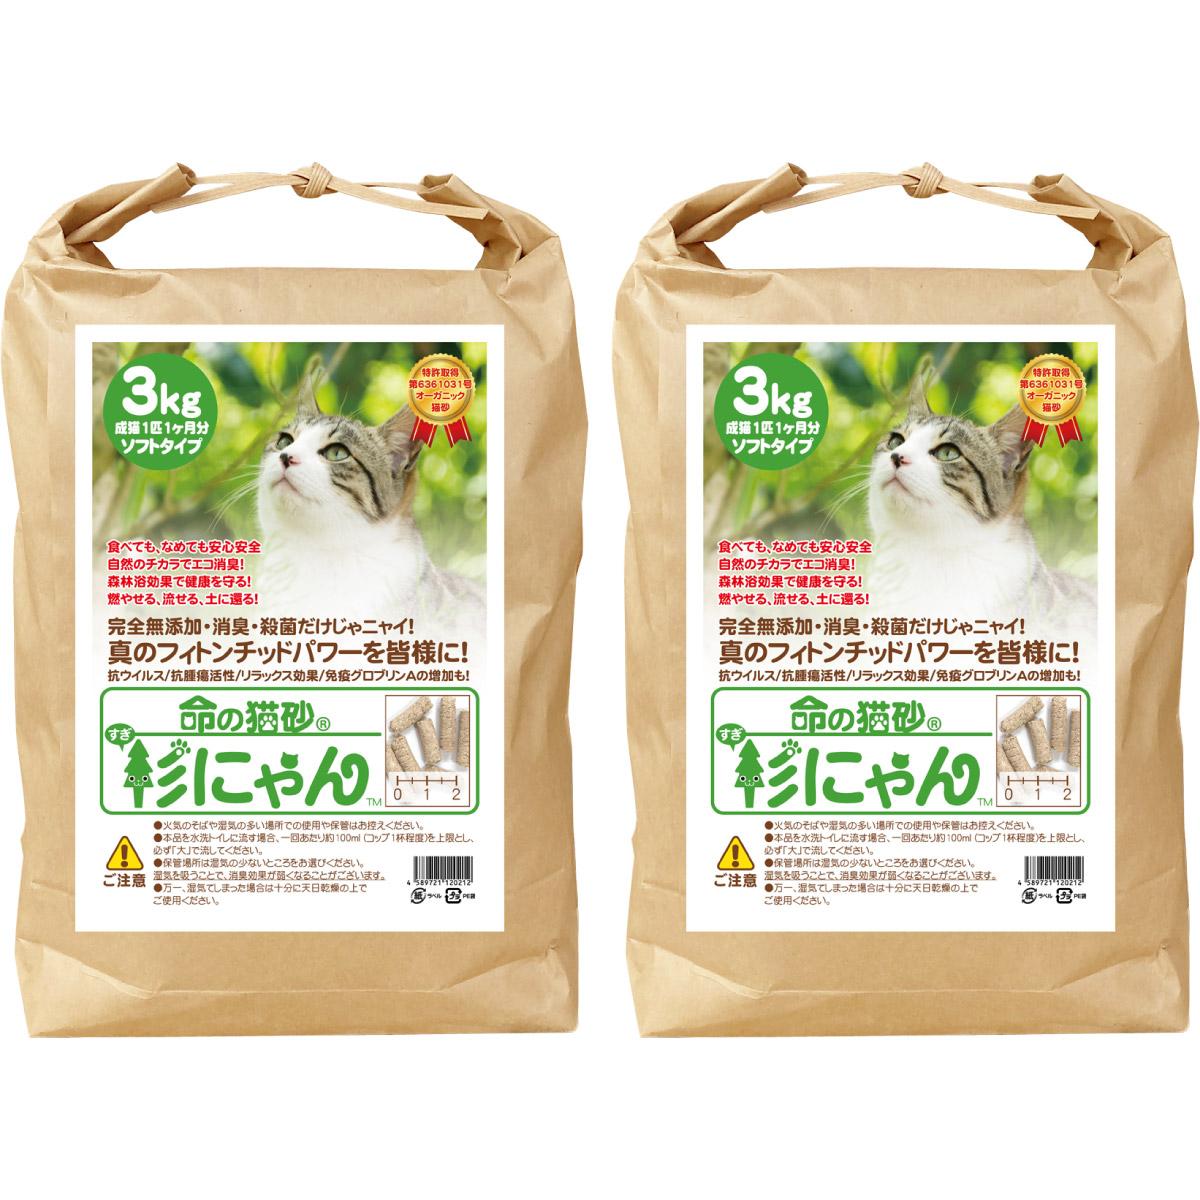 【製造次第、順次発送いたします】命の猫砂 ペレットタイプ 6kg/2袋